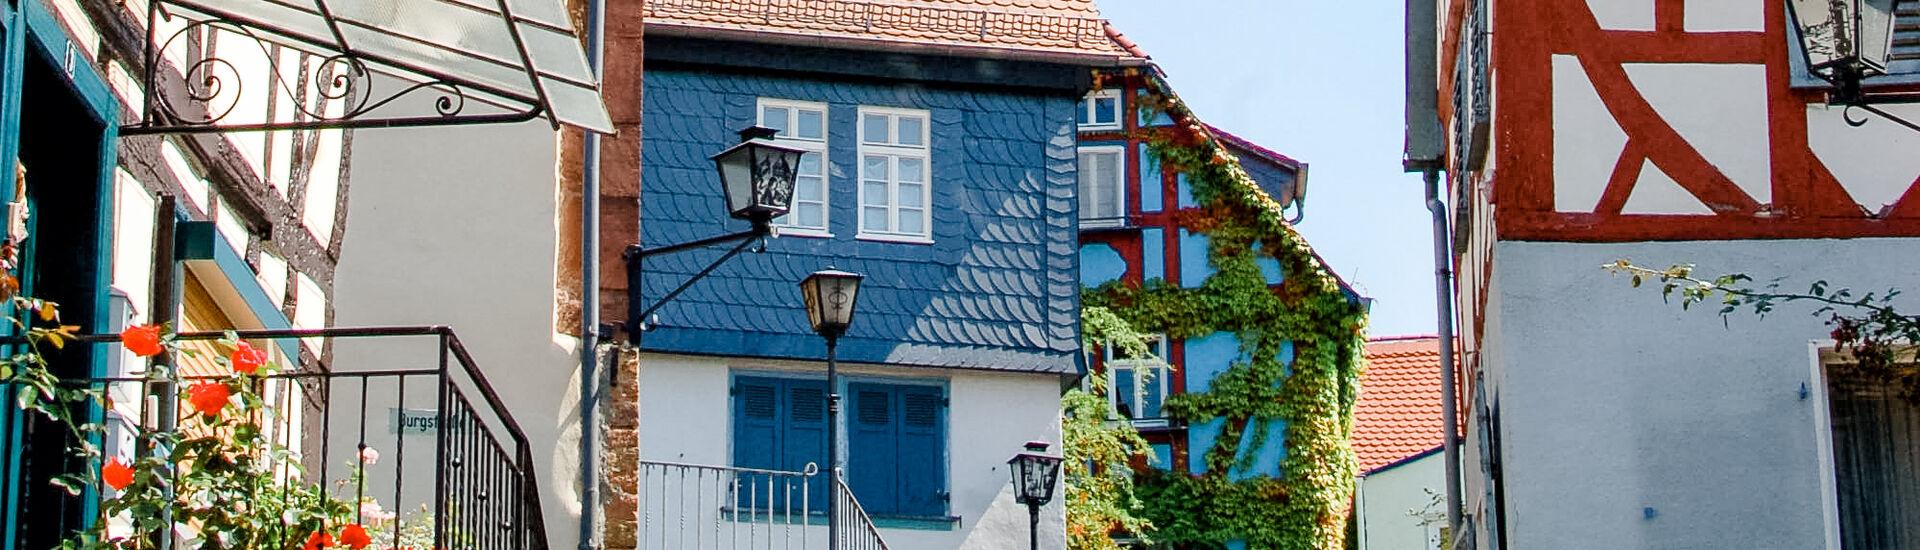 Altstadt Ortenberg